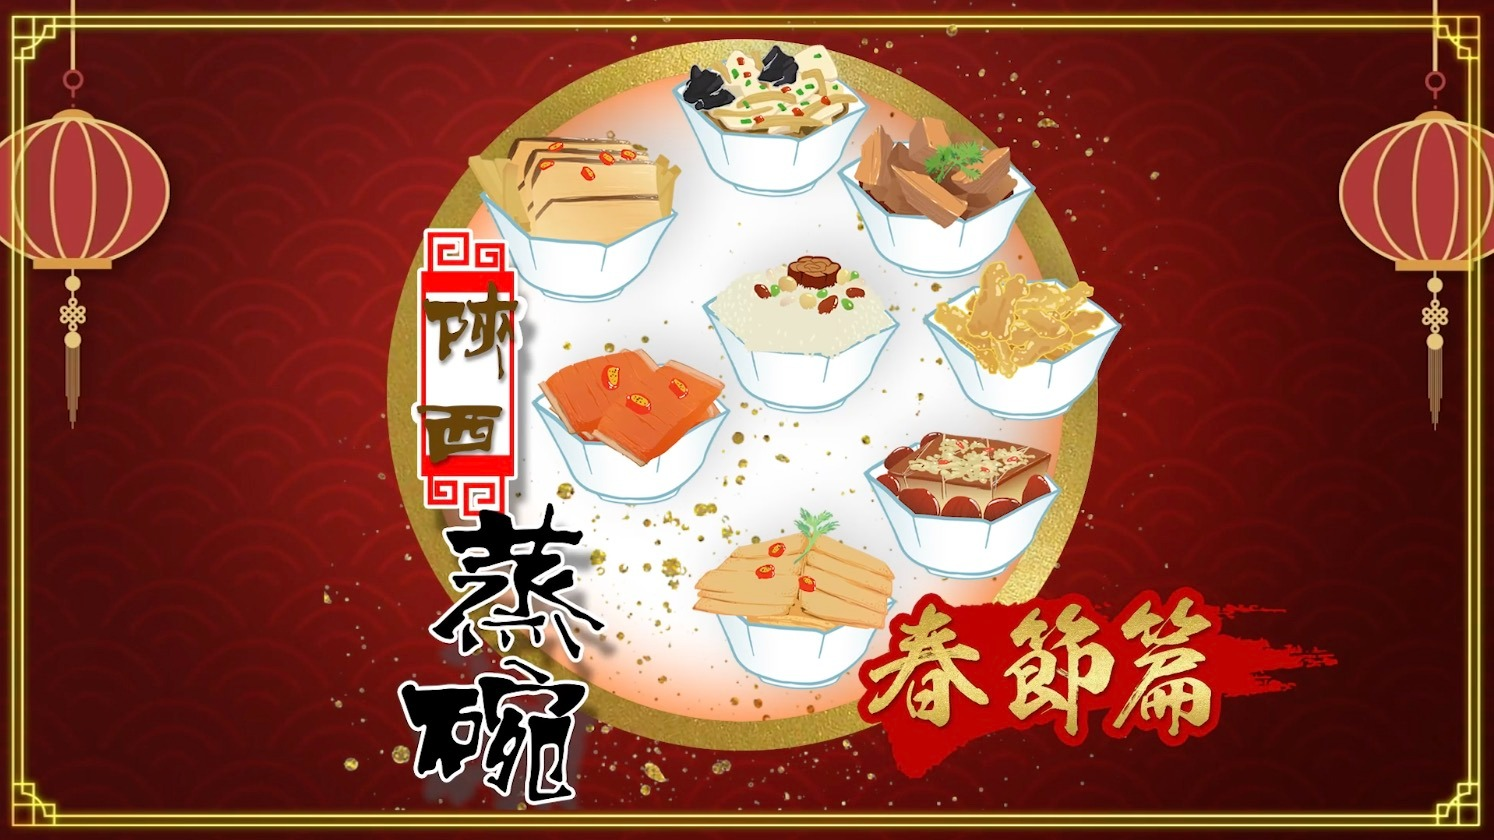 100種味道·新年篇|滿滿一桌陝西蒸碗 要的就是這份新年儀式感